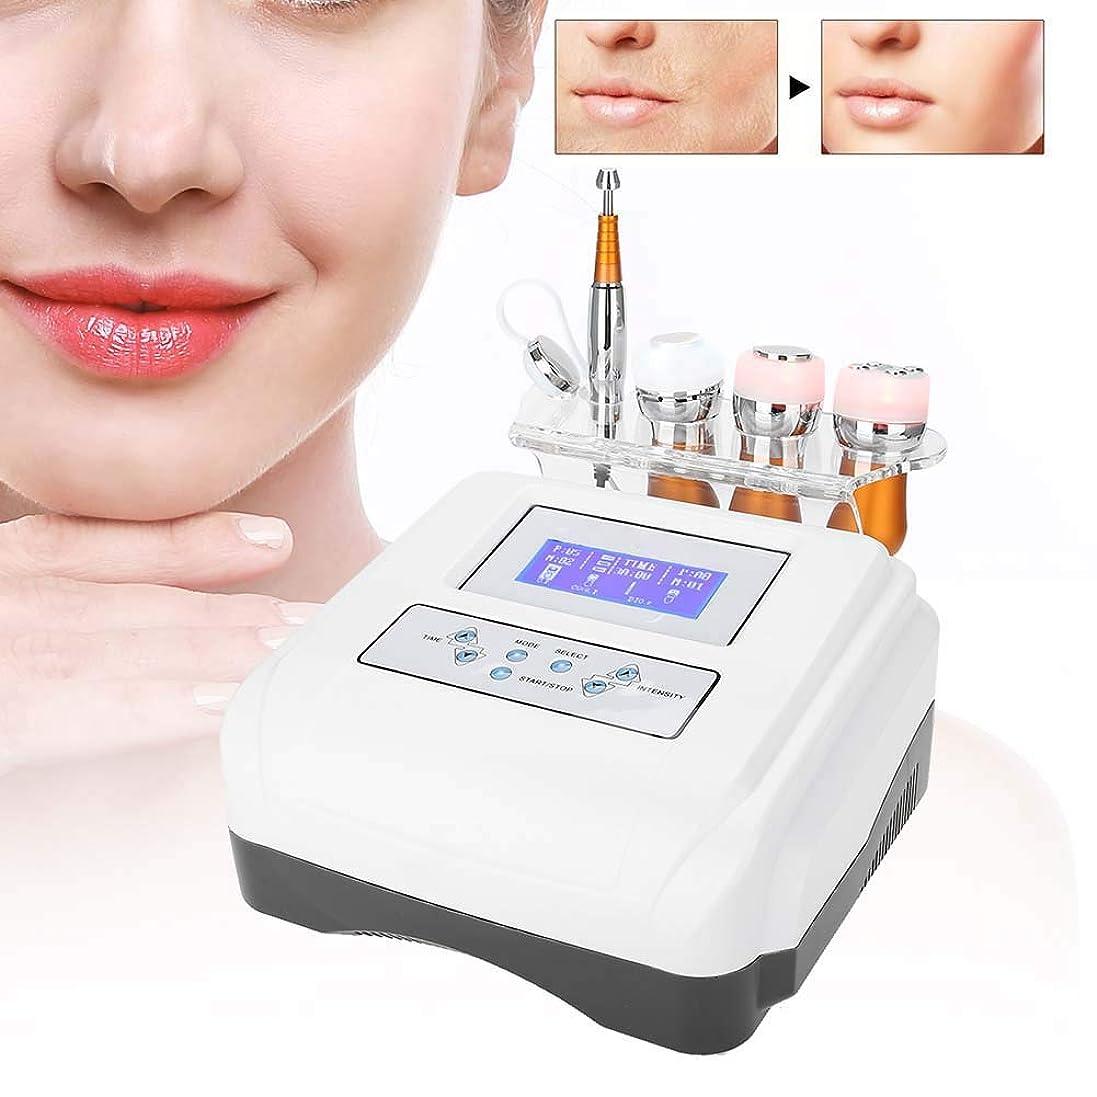 妊娠した複合偽善者多機能顔美容機、若返り肌アンチエイジングリフトスキンのための高周波肌引き締め冷凍美容デバイス、アイバッグとアイサークル(01)